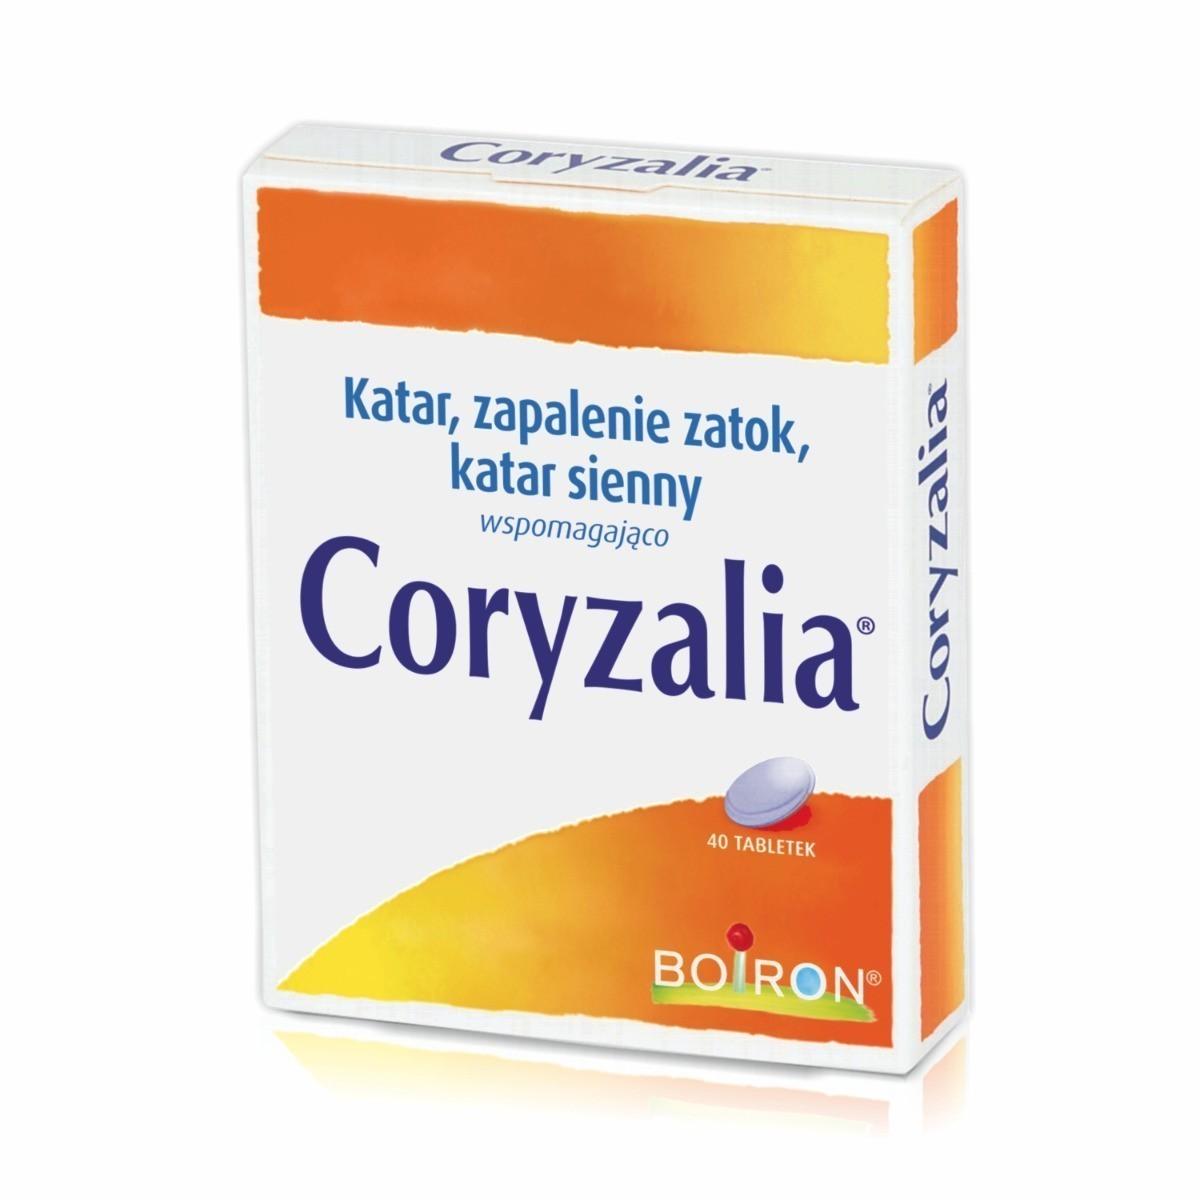 Coryzalia Boiron - tabletki